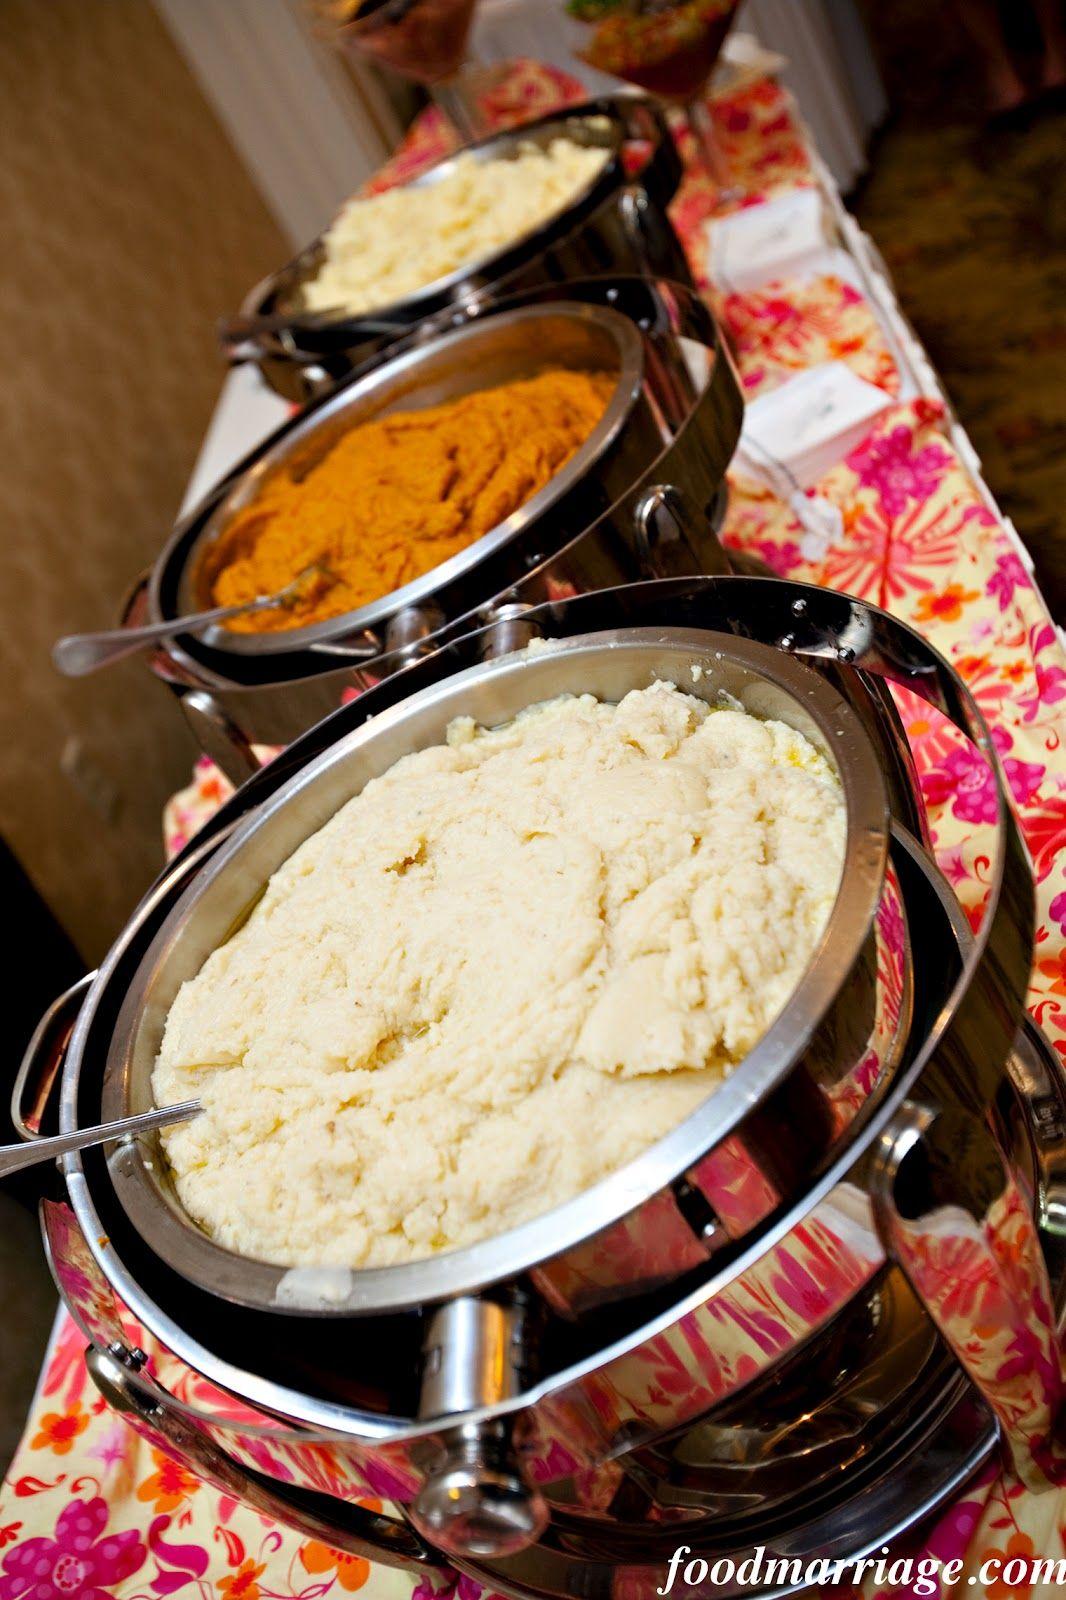 Wedding Idea Mashed Potato Martini Bar Food Marriage Recipes